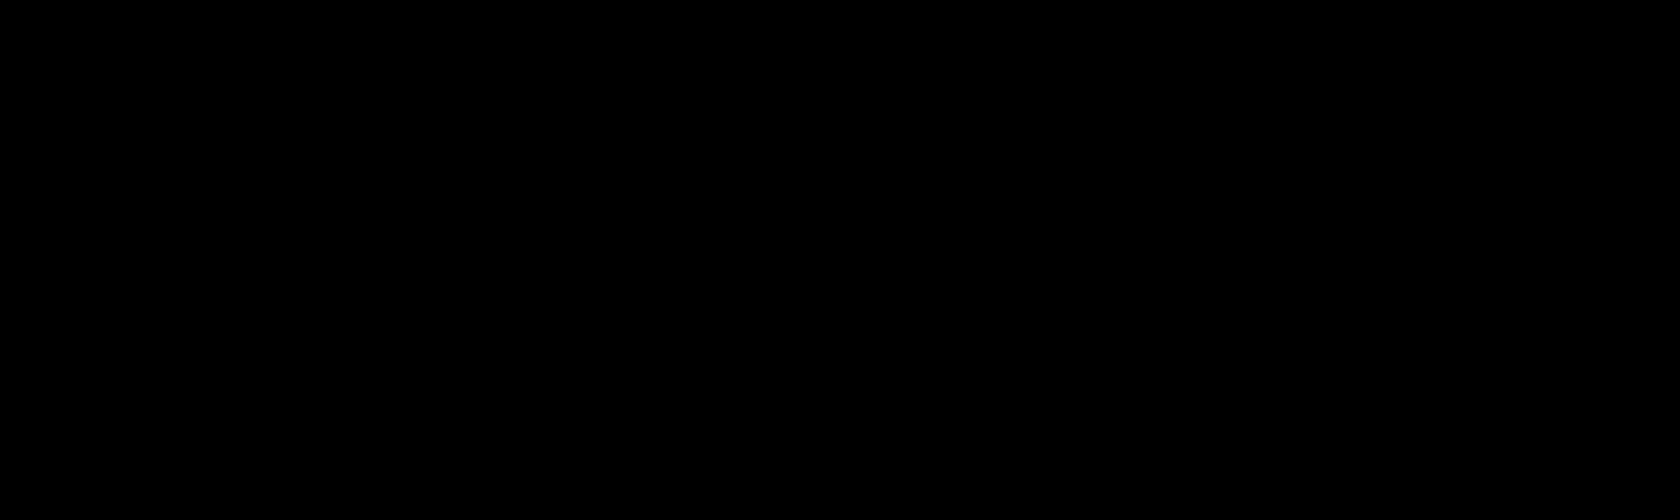 Logo von Max-Planck-Gesellschaft